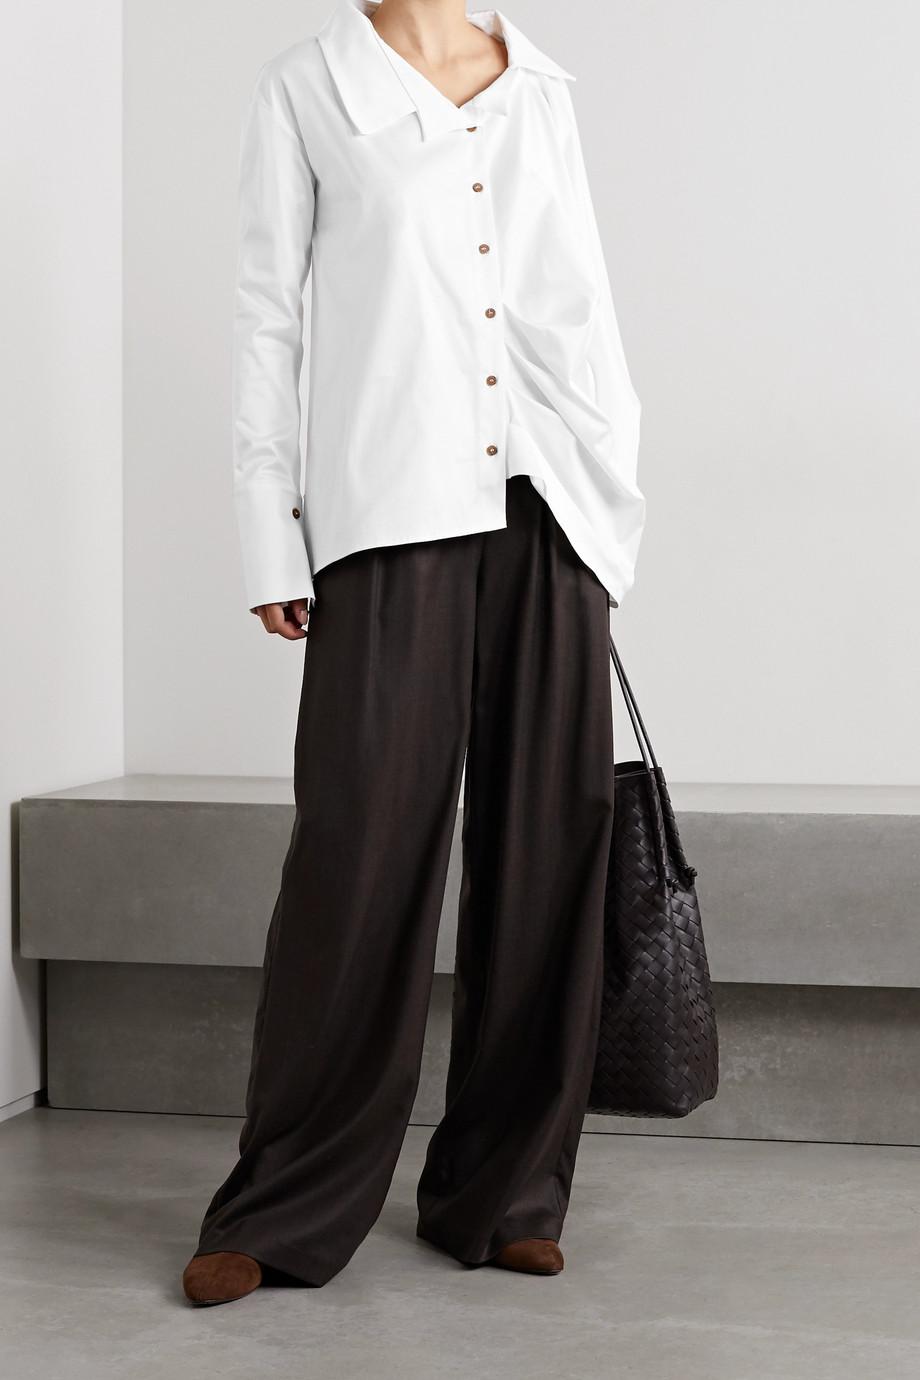 aaizél Hemd aus Popeline aus einer Baumwollmischung mit Raffungen